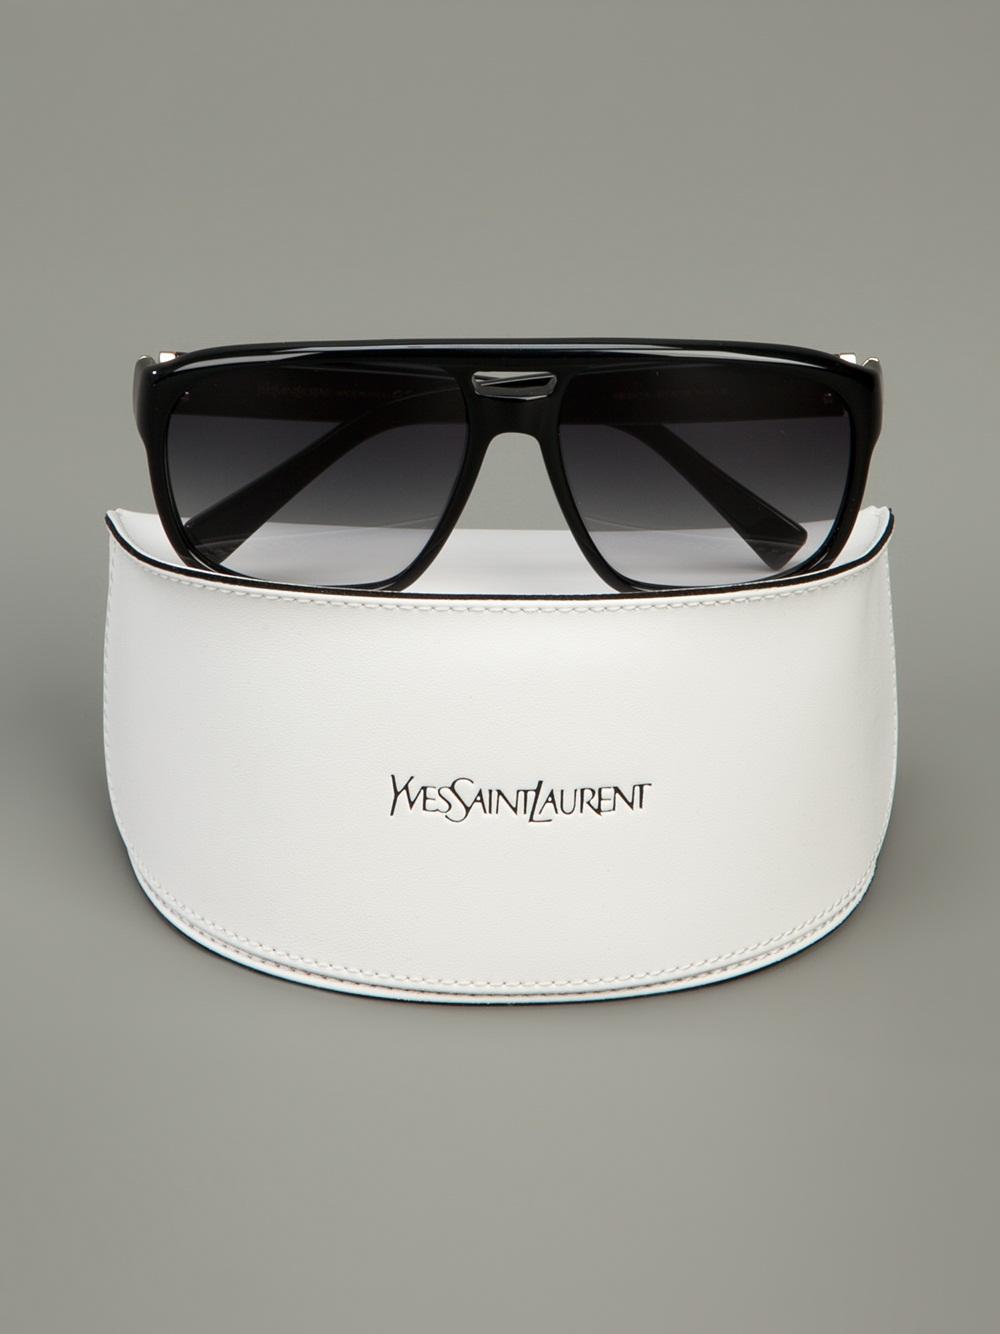 Saint Laurent Square Frame Sunglasses In Black For Men Lyst